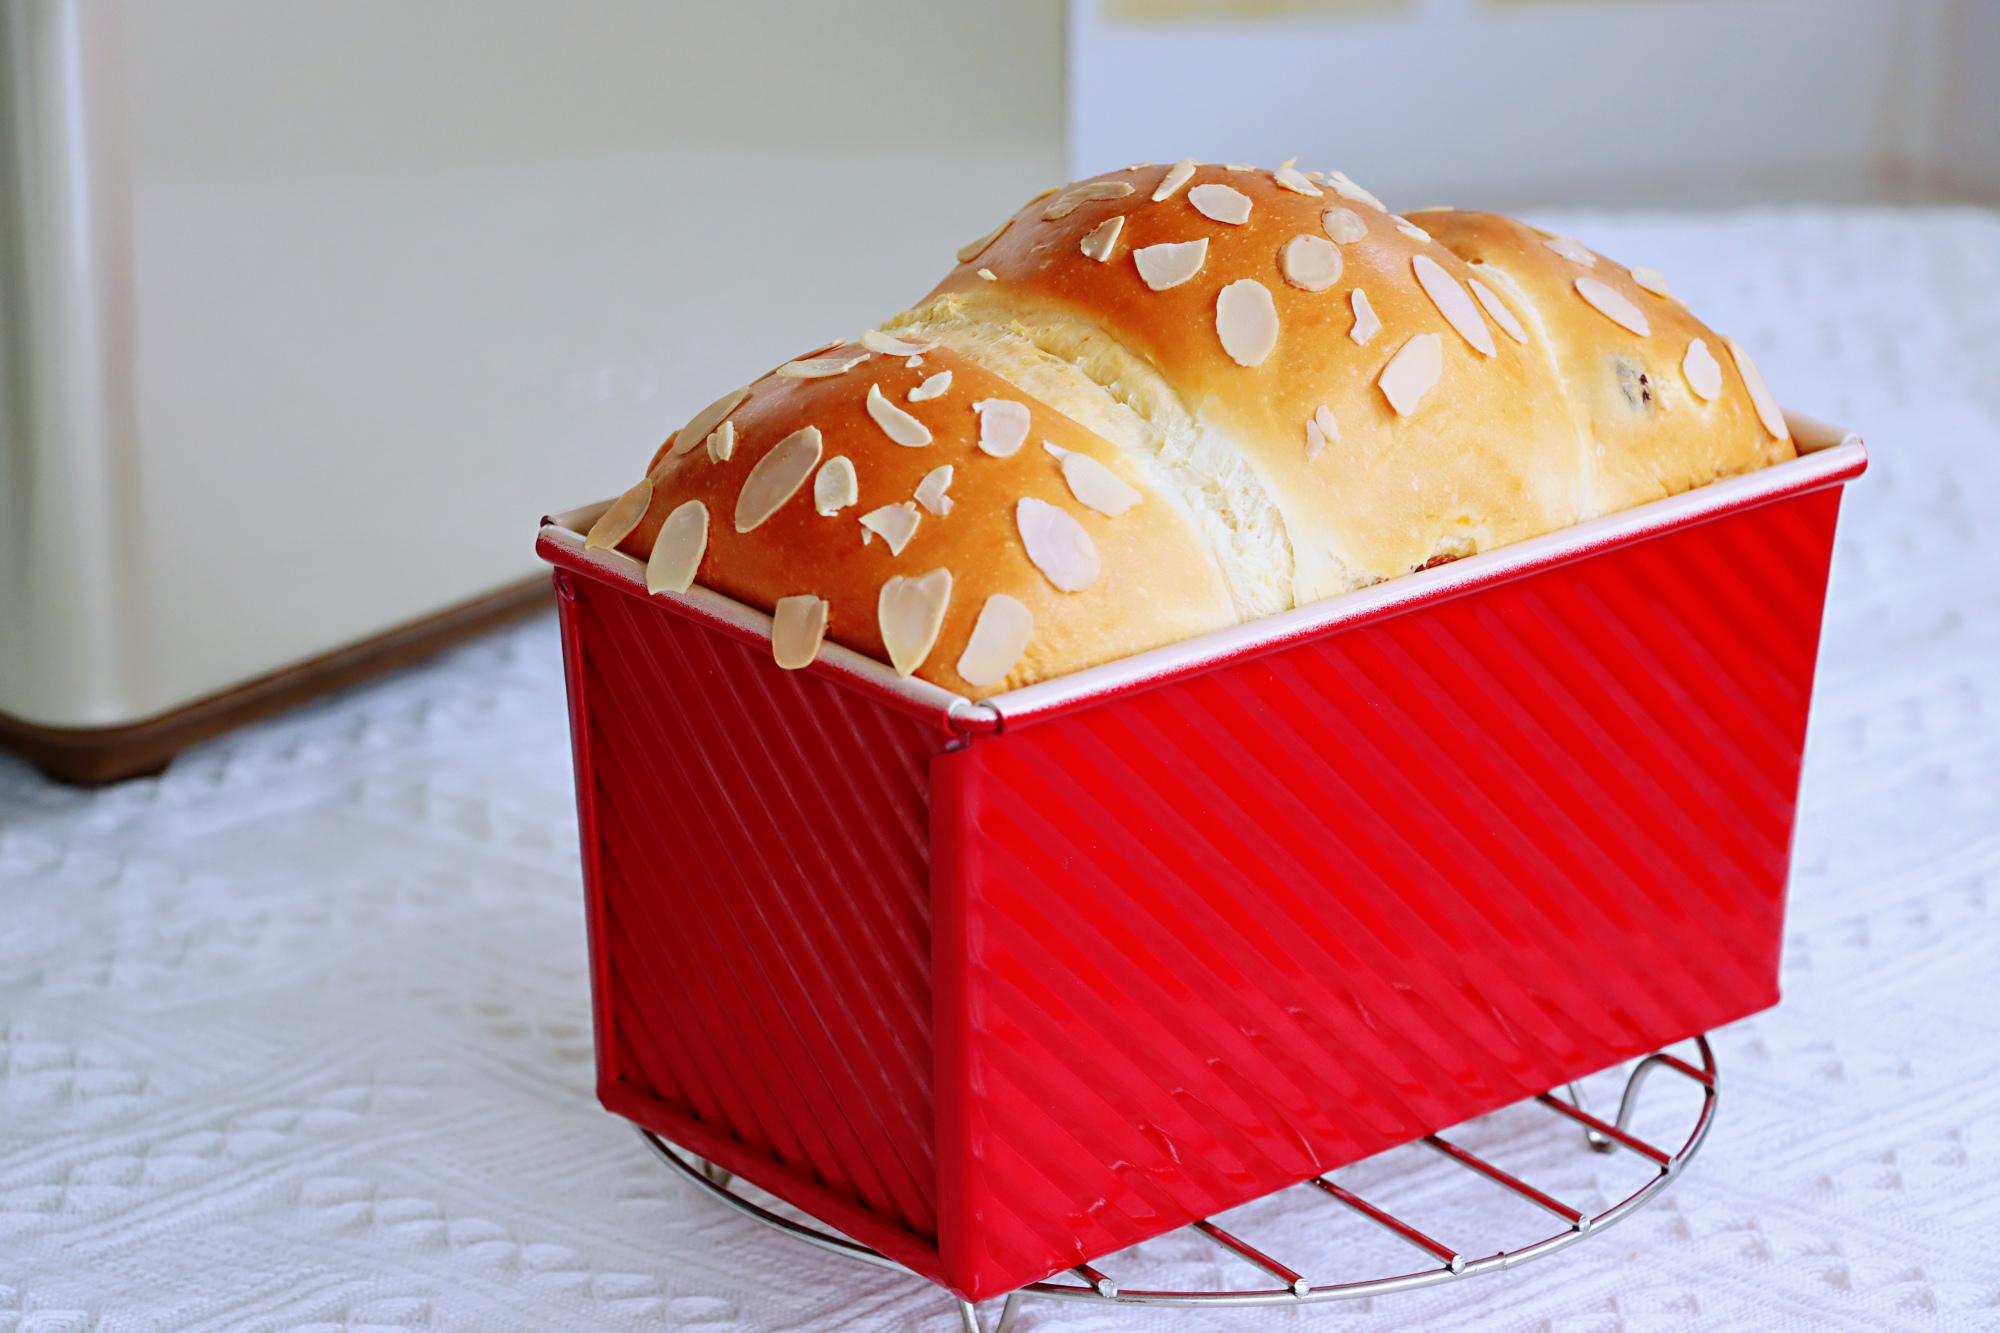 用了6年的麵包方子,還是最愛它,蓬鬆暄軟,細膩拉絲,放3天不硬